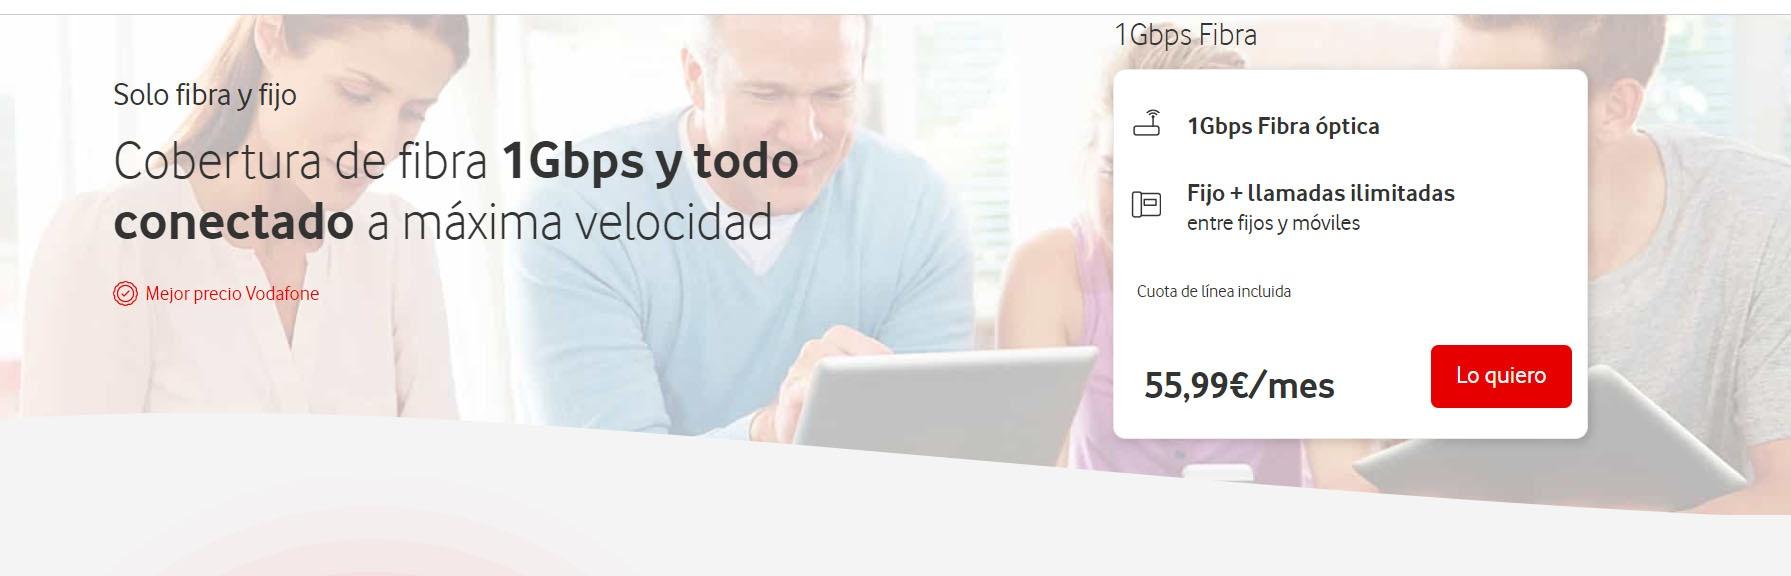 Fibra óptica de 1 Gbps de Vodafone